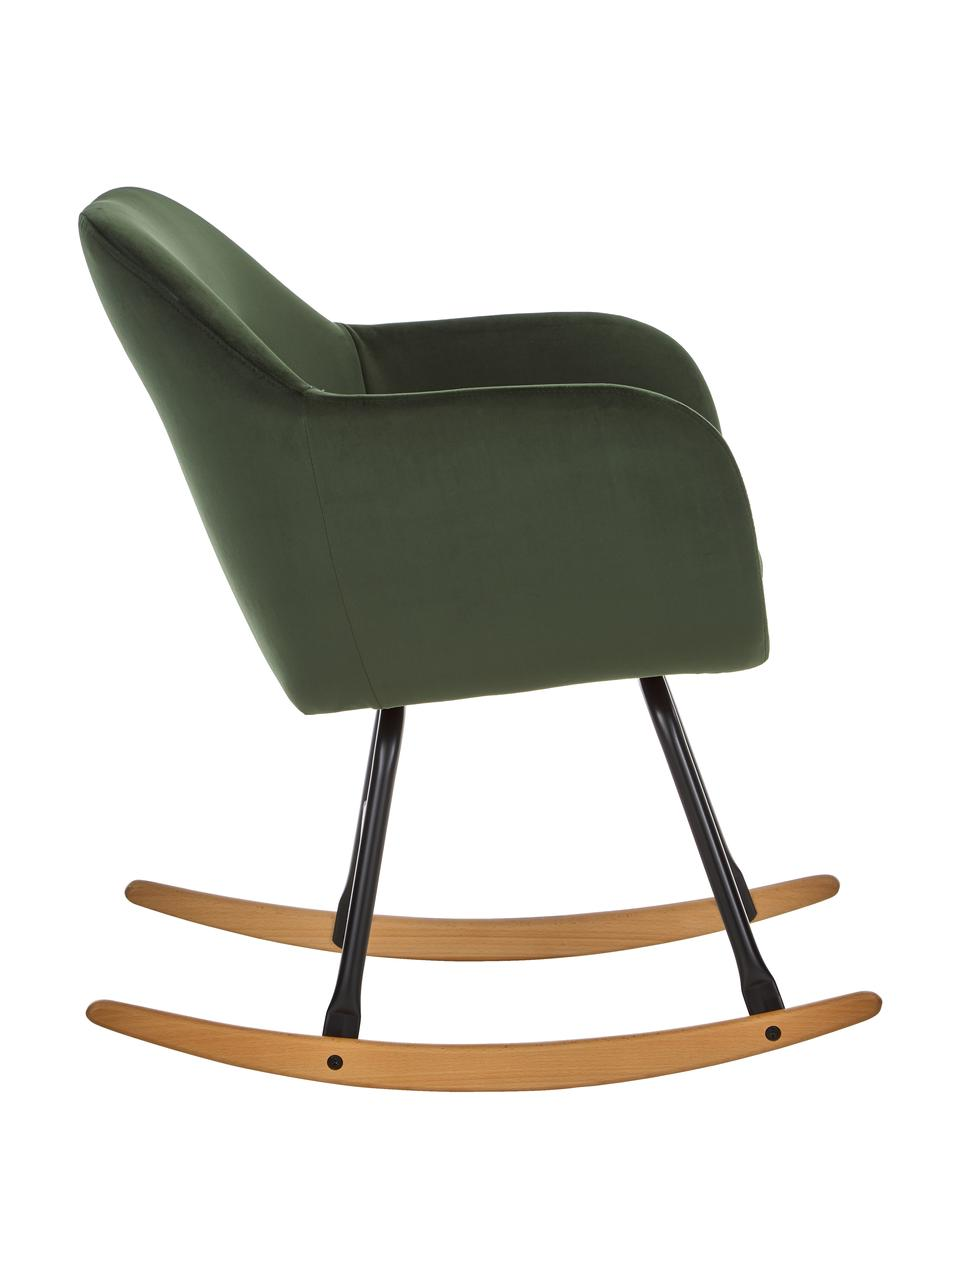 Sedia a dondolo in velluto verde Emilia, Rivestimento: poliestere (velluto) 25.0, Gambe: metallo verniciato a polv, Verde, Larg. 57 x Alt. 69 cm